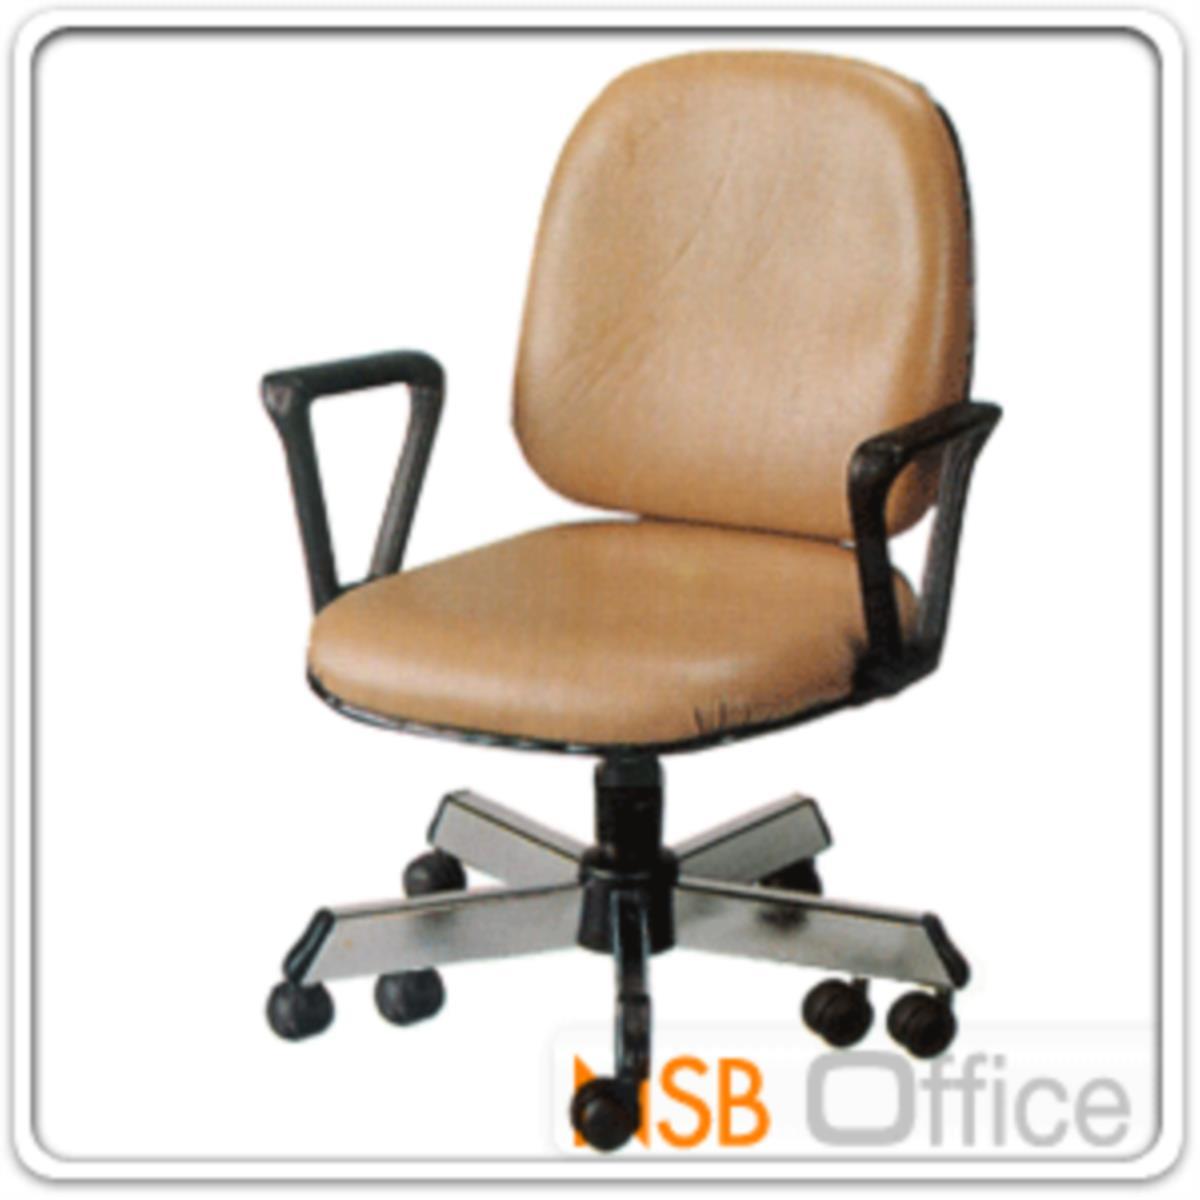 เก้าอี้สำนักงาน รุ่น Stoffer  ขาเหล็ก 10 ล้อ